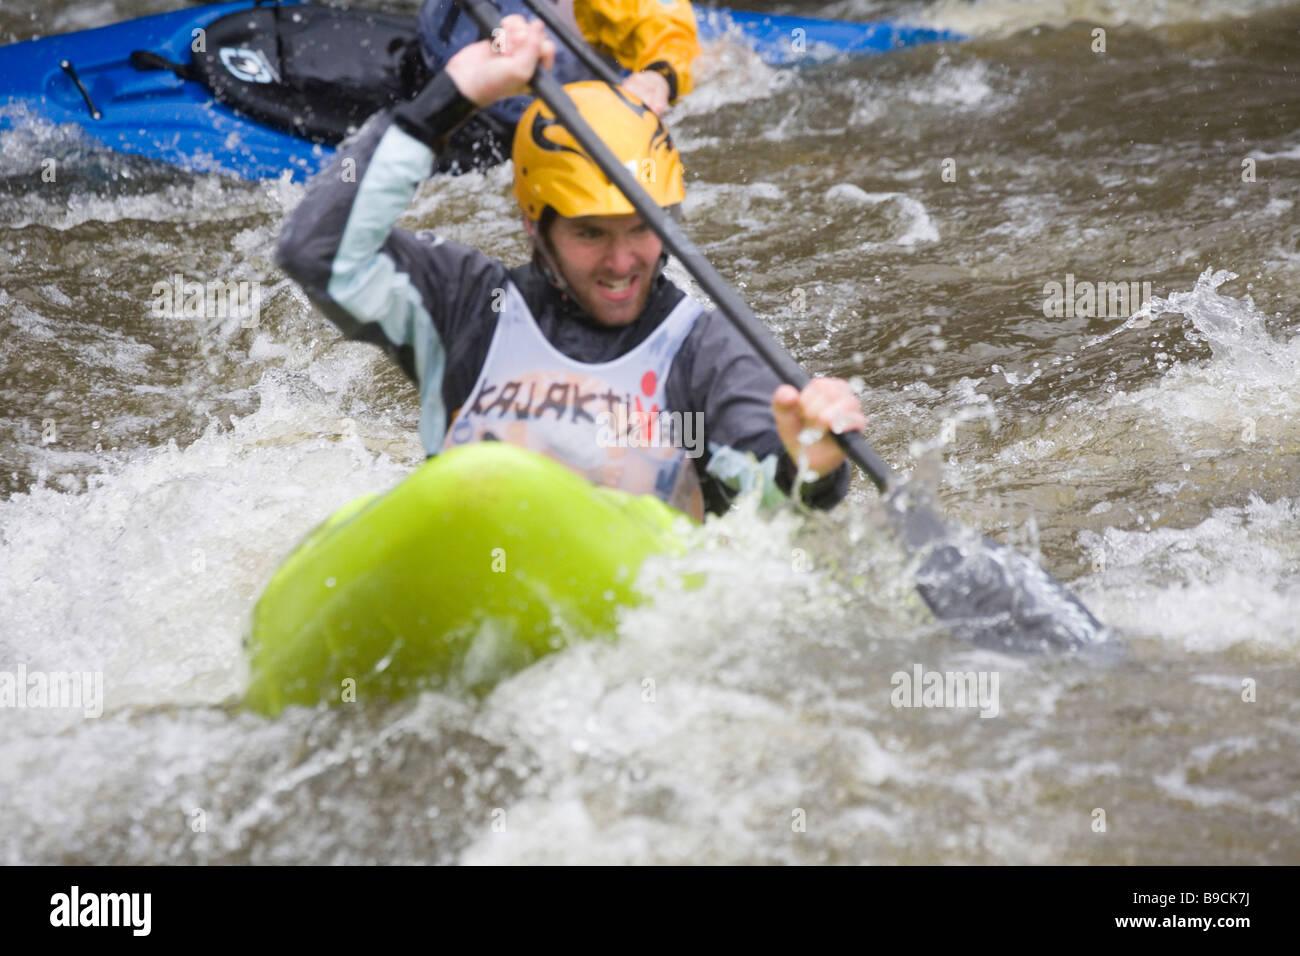 Kayakcrossing Whitewater Kayaking Nyköping Sweden - Stock Image